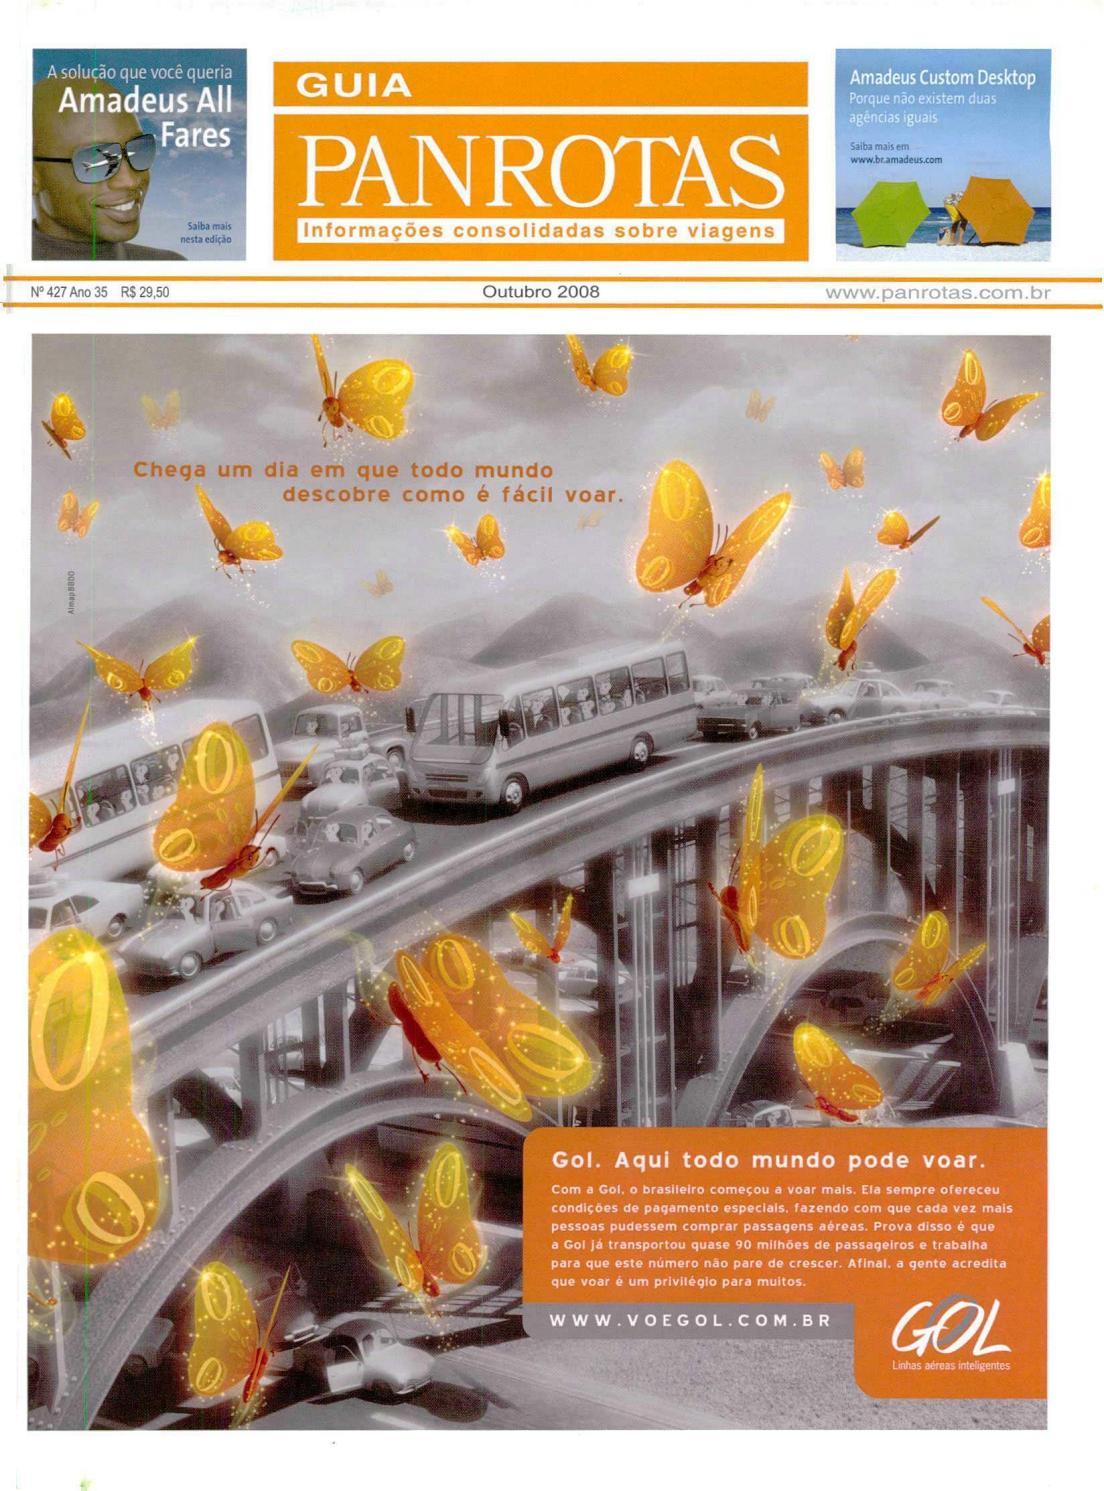 bd2e184e33e Guia PANROTAS - Edição 427 - Outubro 2008 by PANROTAS Editora - issuu